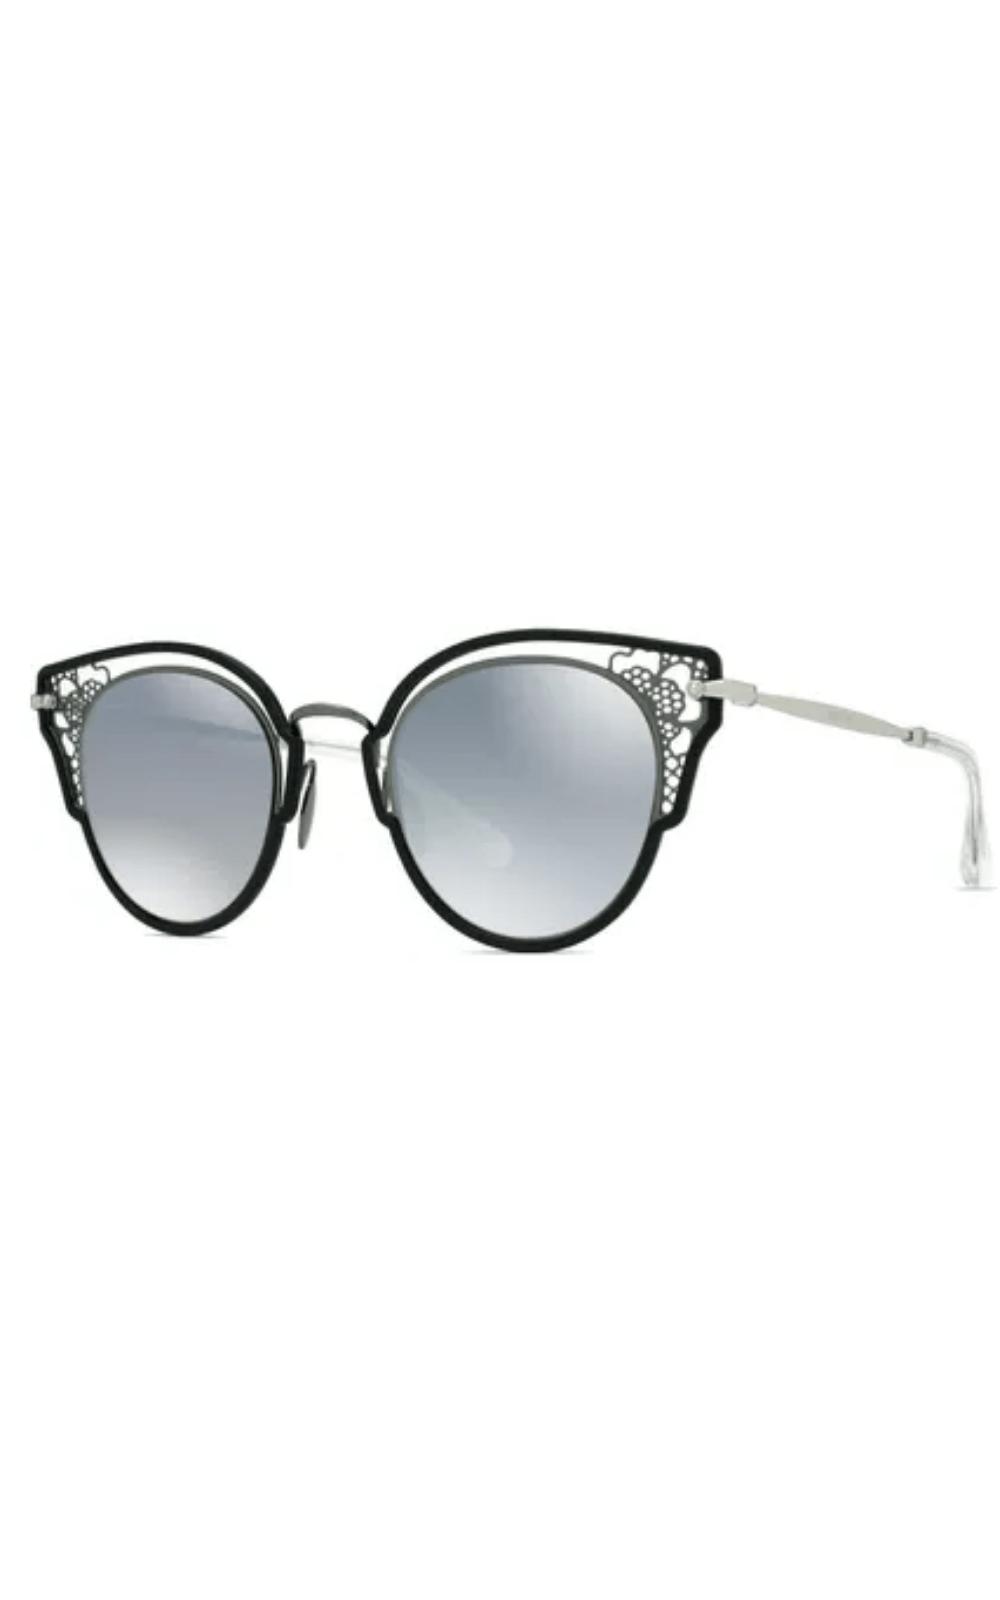 107b51535d75e Óculos de Sol Jimmy Choo Dhelia S 284IC